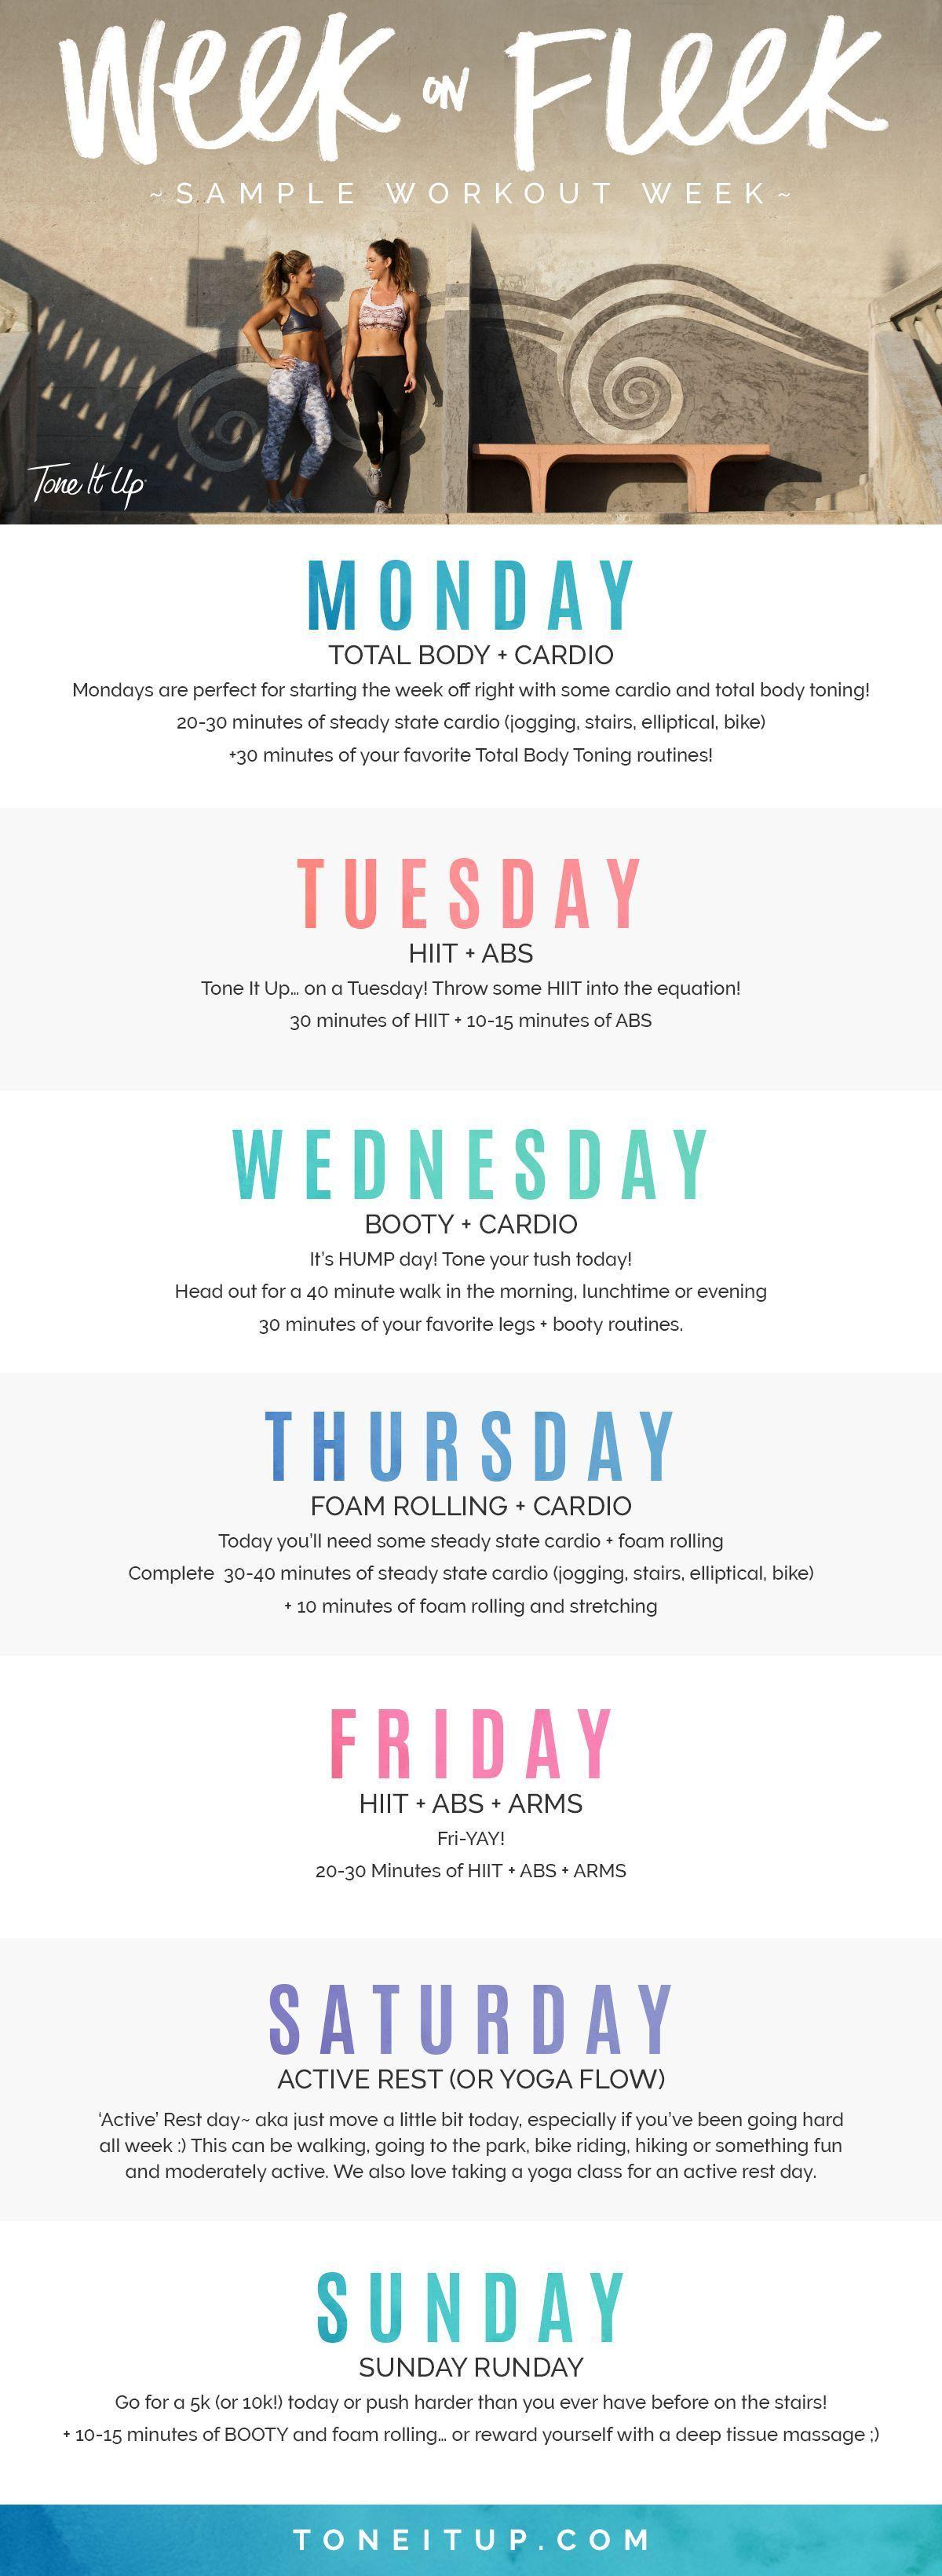 Wöchentliche Diät, um Bauchfrauen zu verlieren